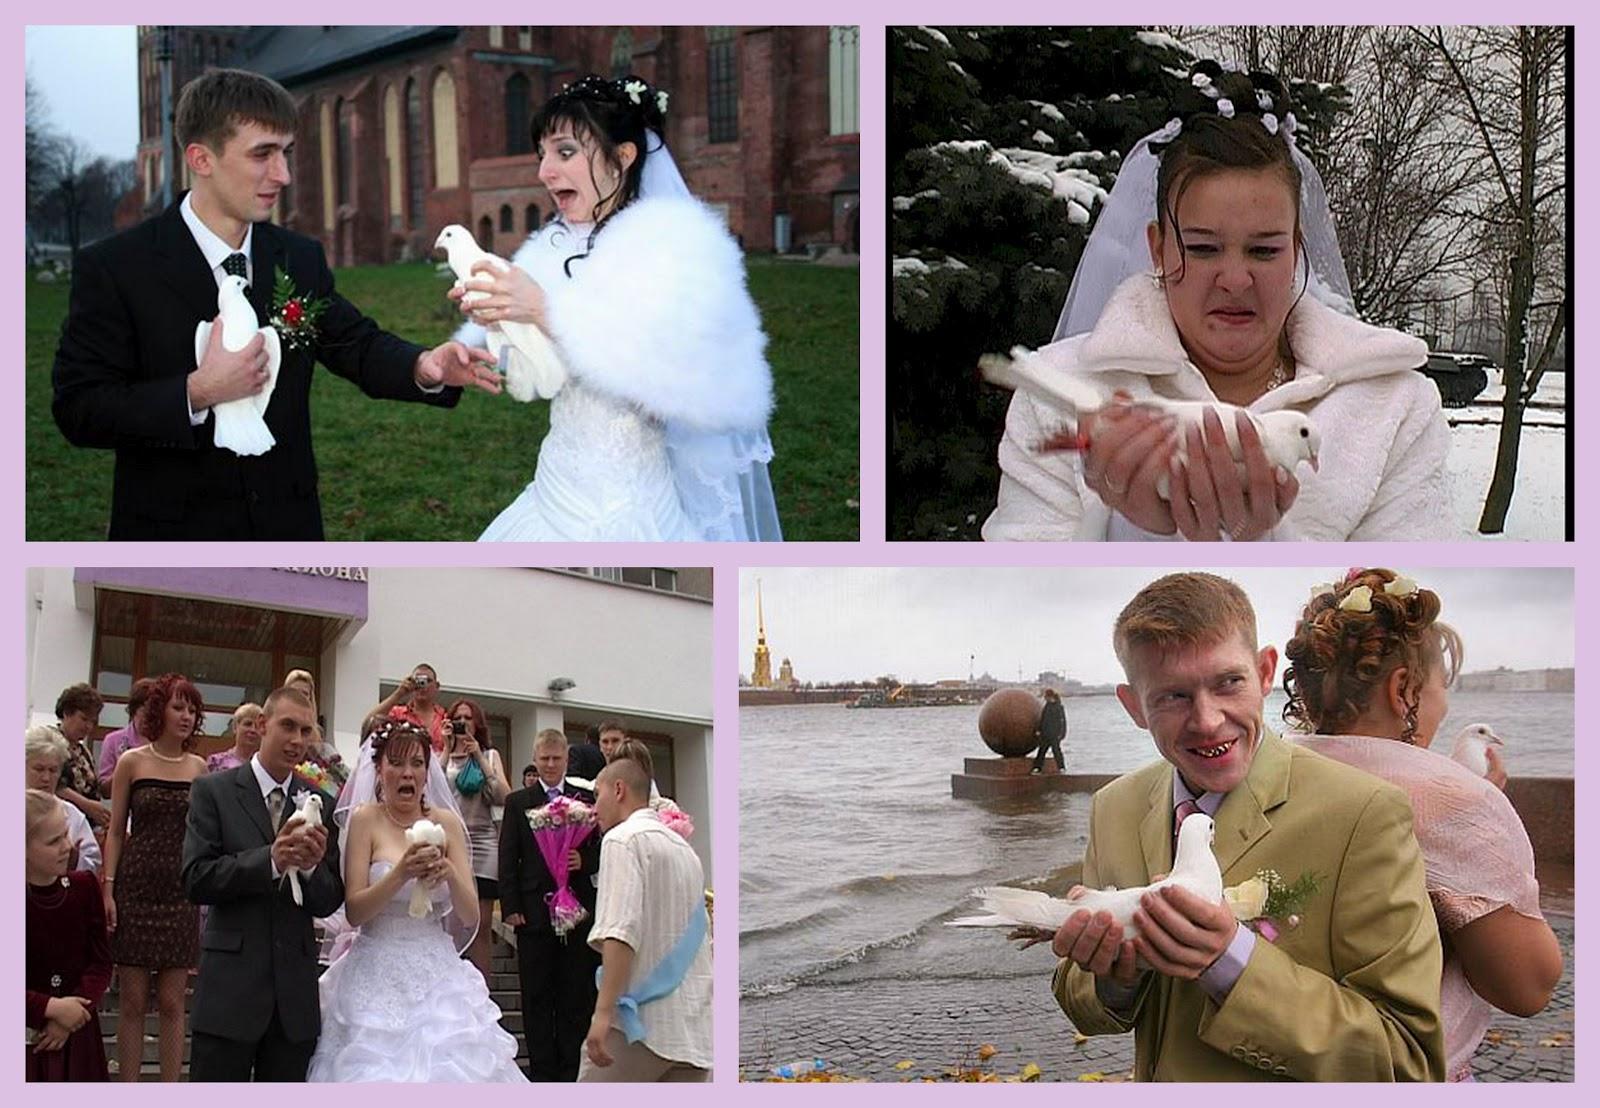 невеста трахается со сведетелем на свадьбе